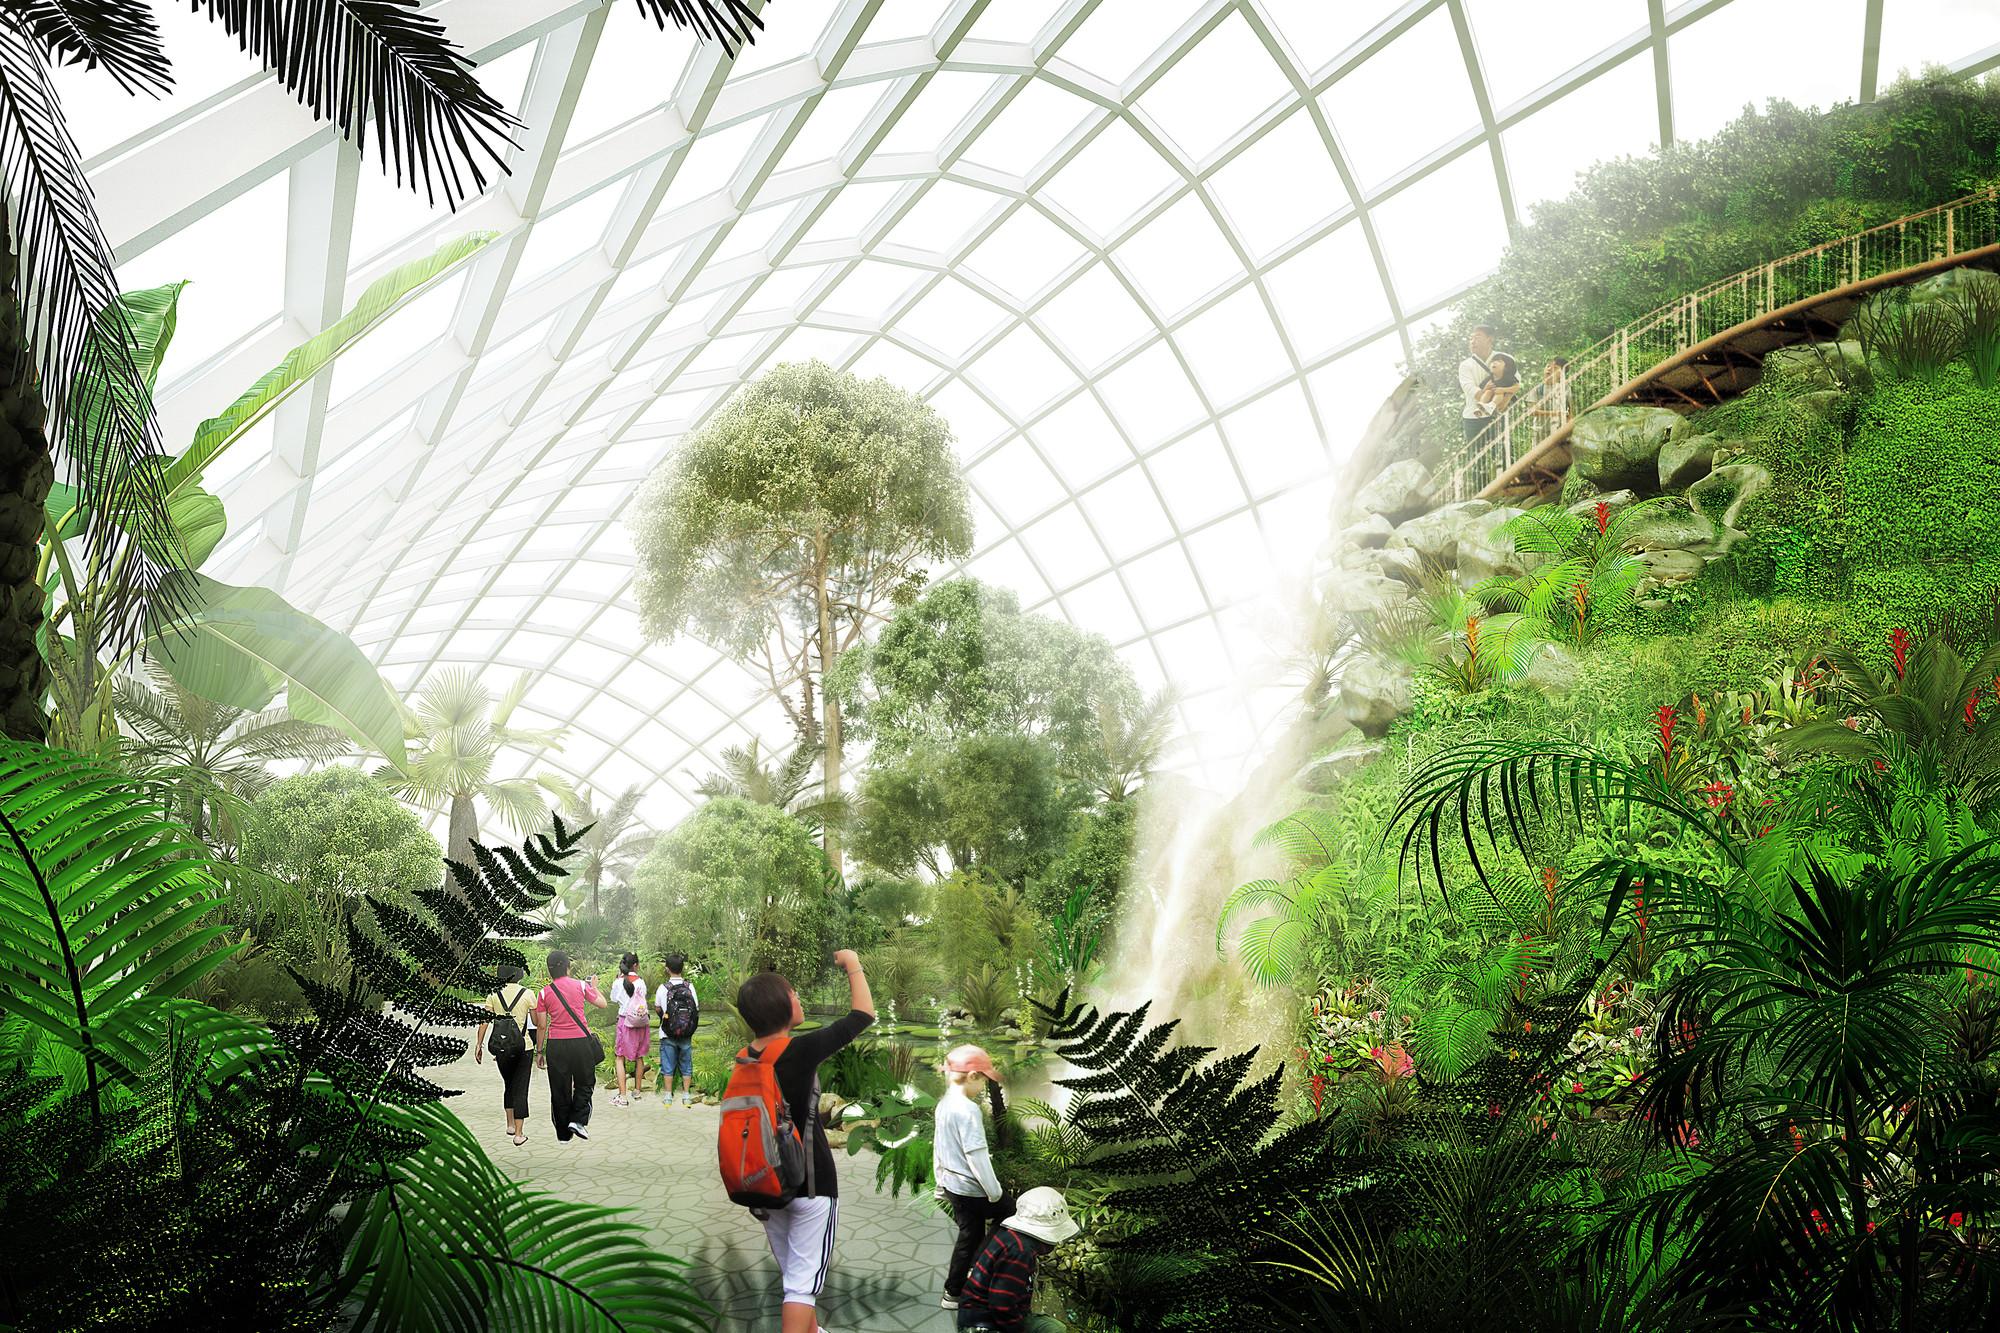 Escritório John McAslan + Partners é selecionado para projetar um jardim botânico na China, Cortesia de John McAslan + Partners